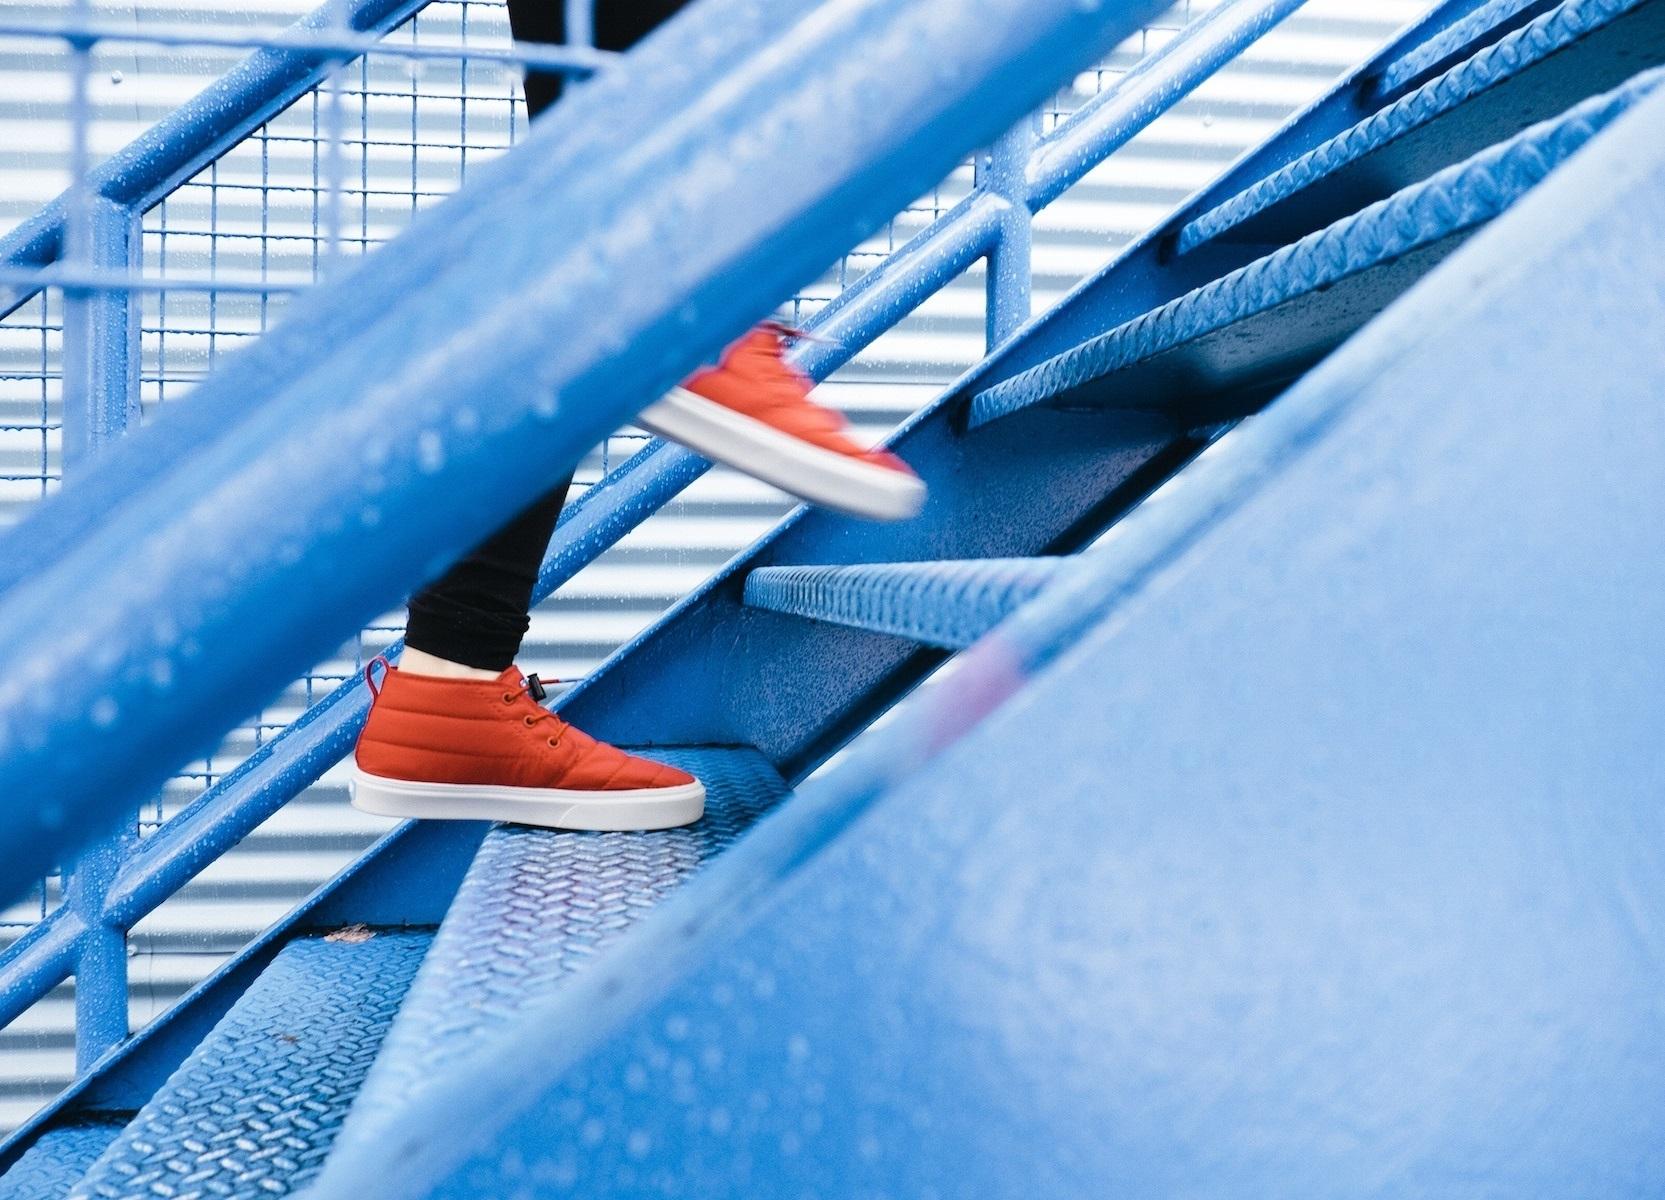 Vorankommen durch eigene Leistung - Person mit orangenen Schuhen, die zügig eine blaue Treppe hinaufsteigt